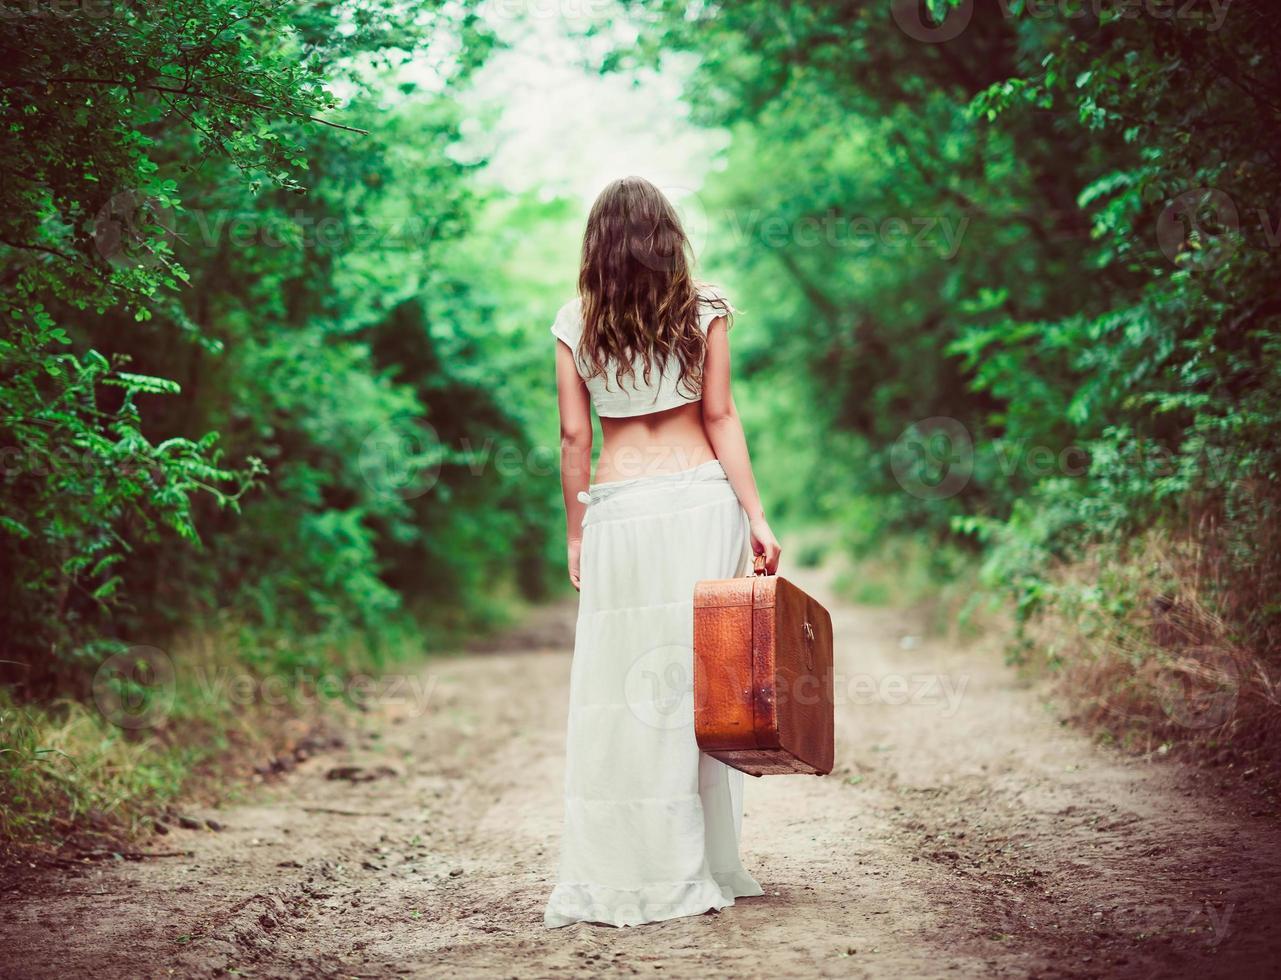 femme, à, valise, main, partir, par, route rurale photo